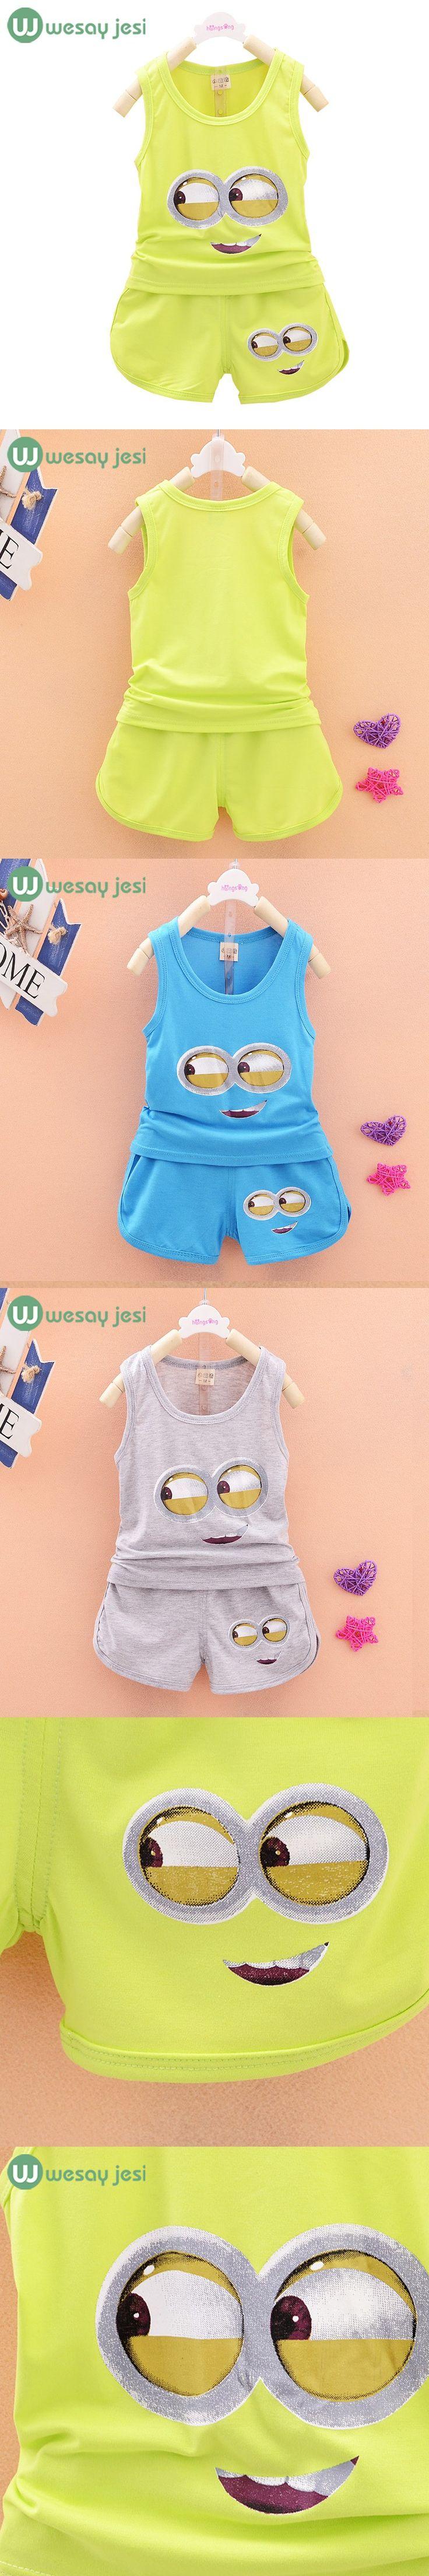 2016 New baby baby clothing cotton 2pcs suit Vest + Pants cartoon casual kids minions suits infant girl children clothes set